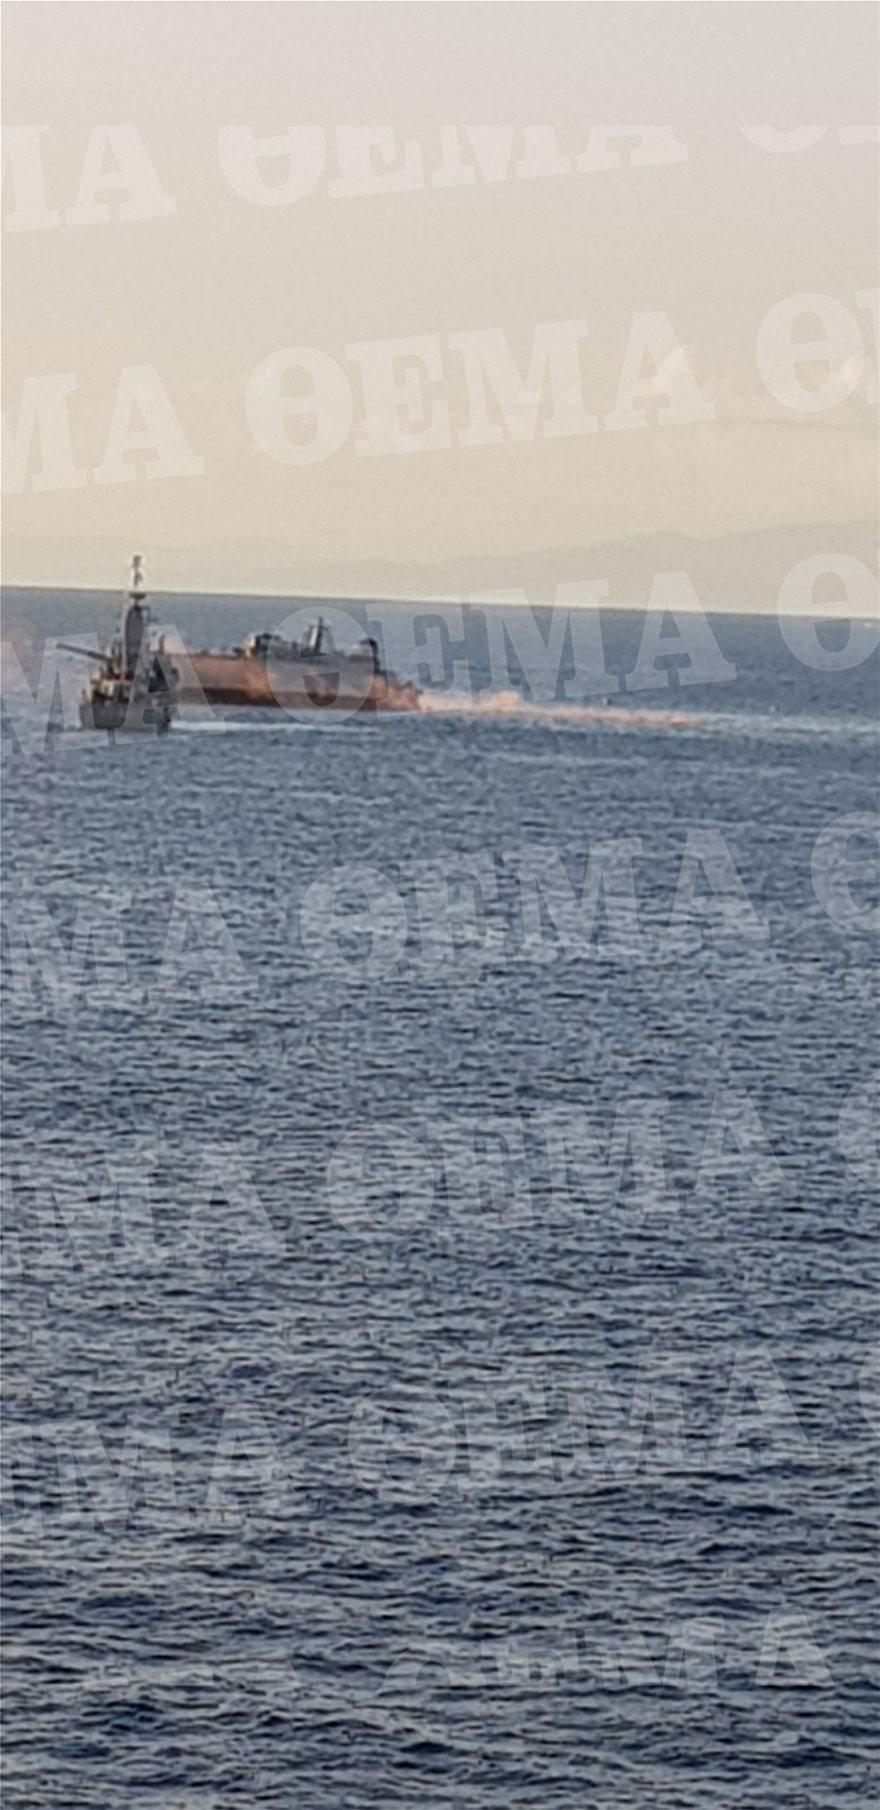 Πλοίο του Πολεμικού Ναυτικού: Συγκρούστηκε και έχει πάρει κλίση έξω από το λιμάνι του Πειραιά - Φωτογραφία 2